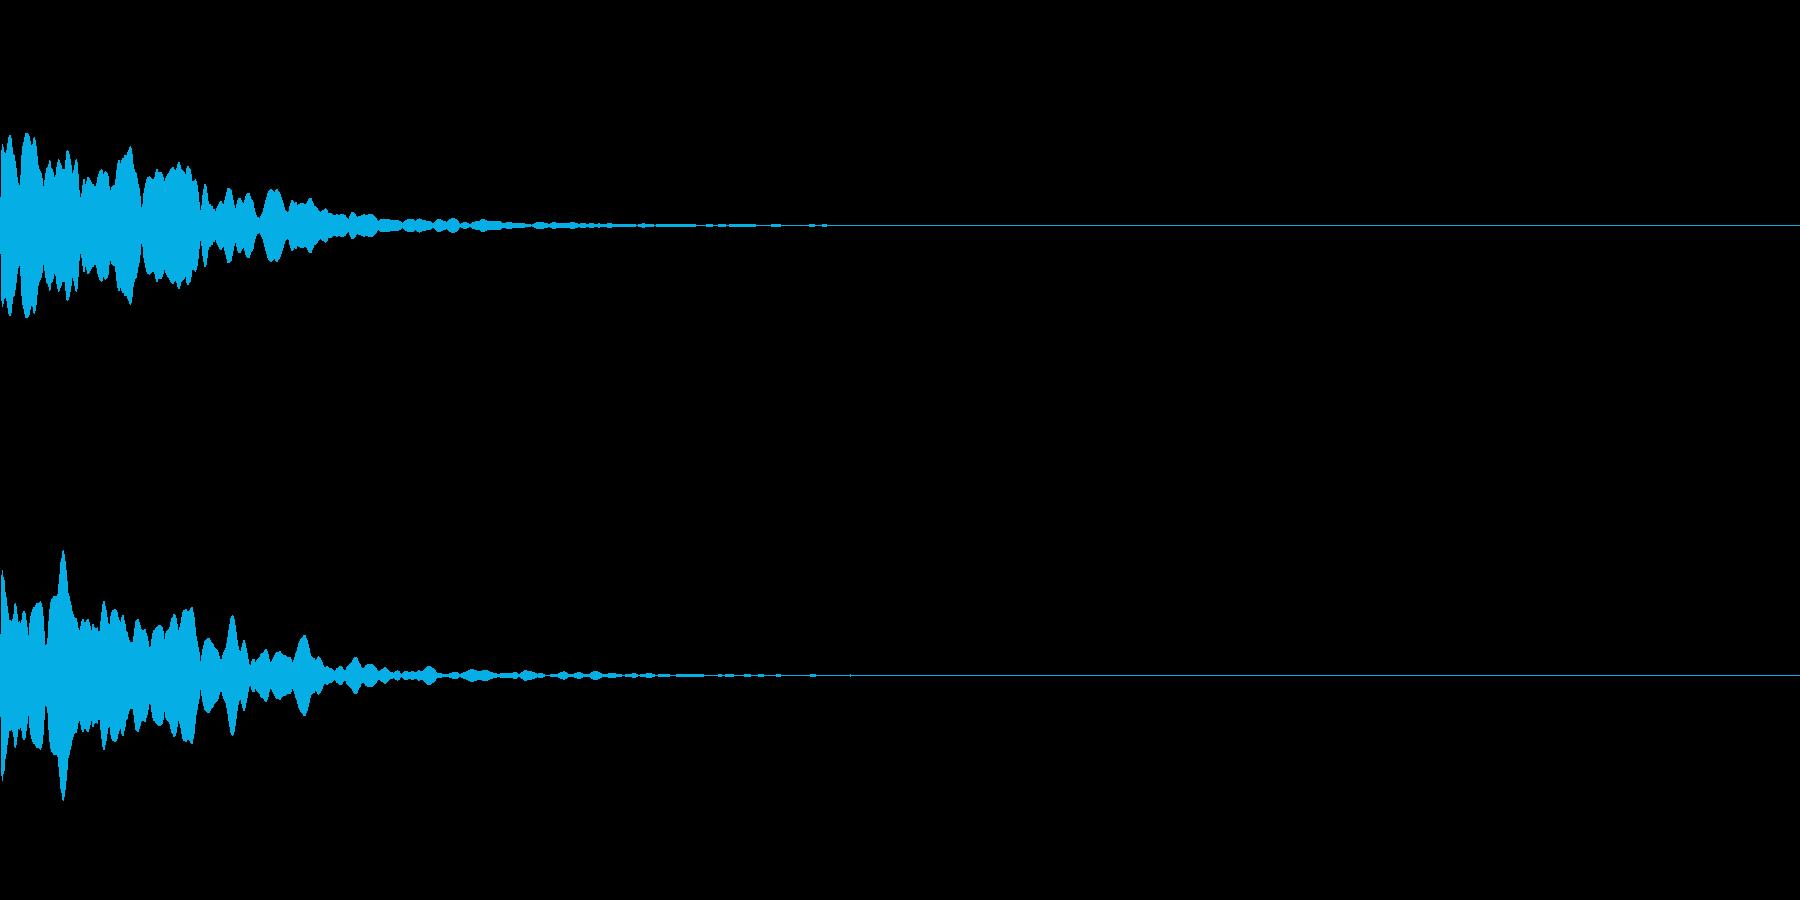 ゲームアプリ選択決定音【2-6】ピーンの再生済みの波形